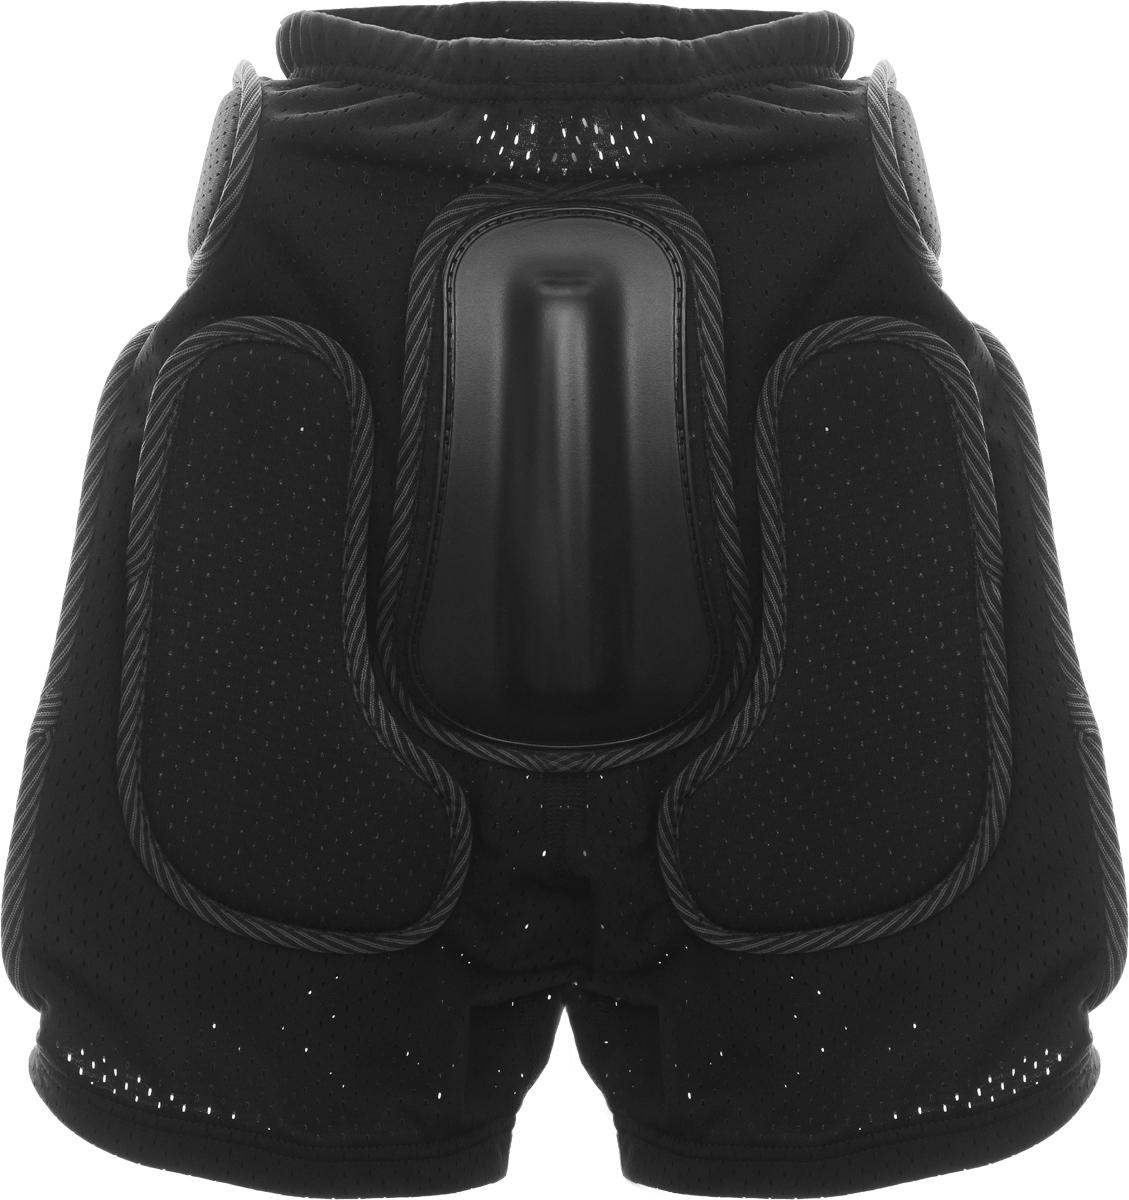 Фото - Шорты защитные Biont Комфорт, цвет: черный, размер M самосбросы горнолыжные biont цвет черный размер l 48 50